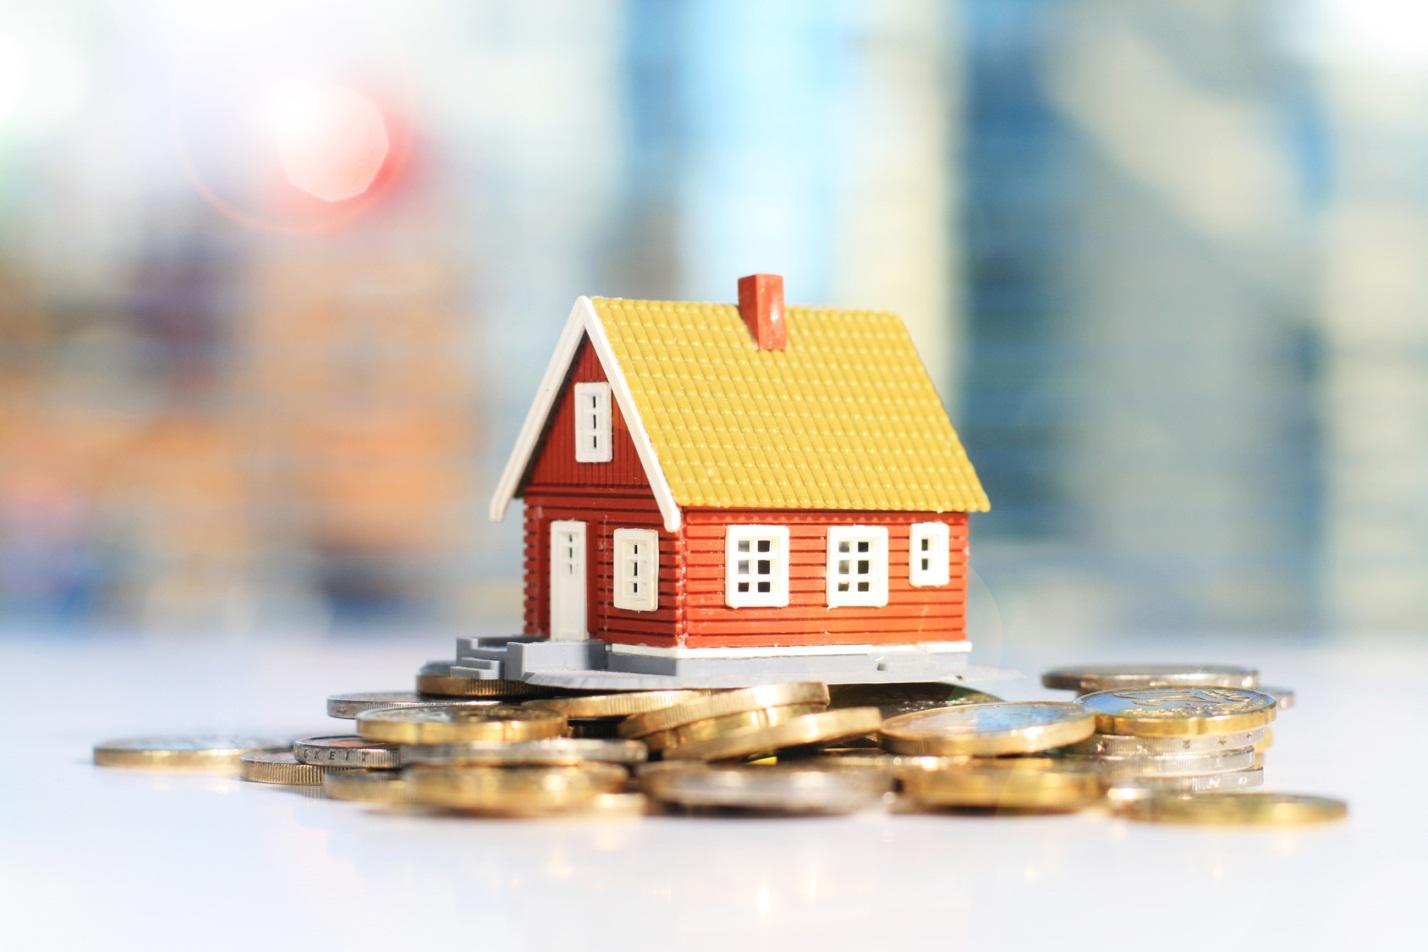 Mua nhà trả góp: 6 sai lầm thường gặp khiến người mua nhà rơi vào nợ nần